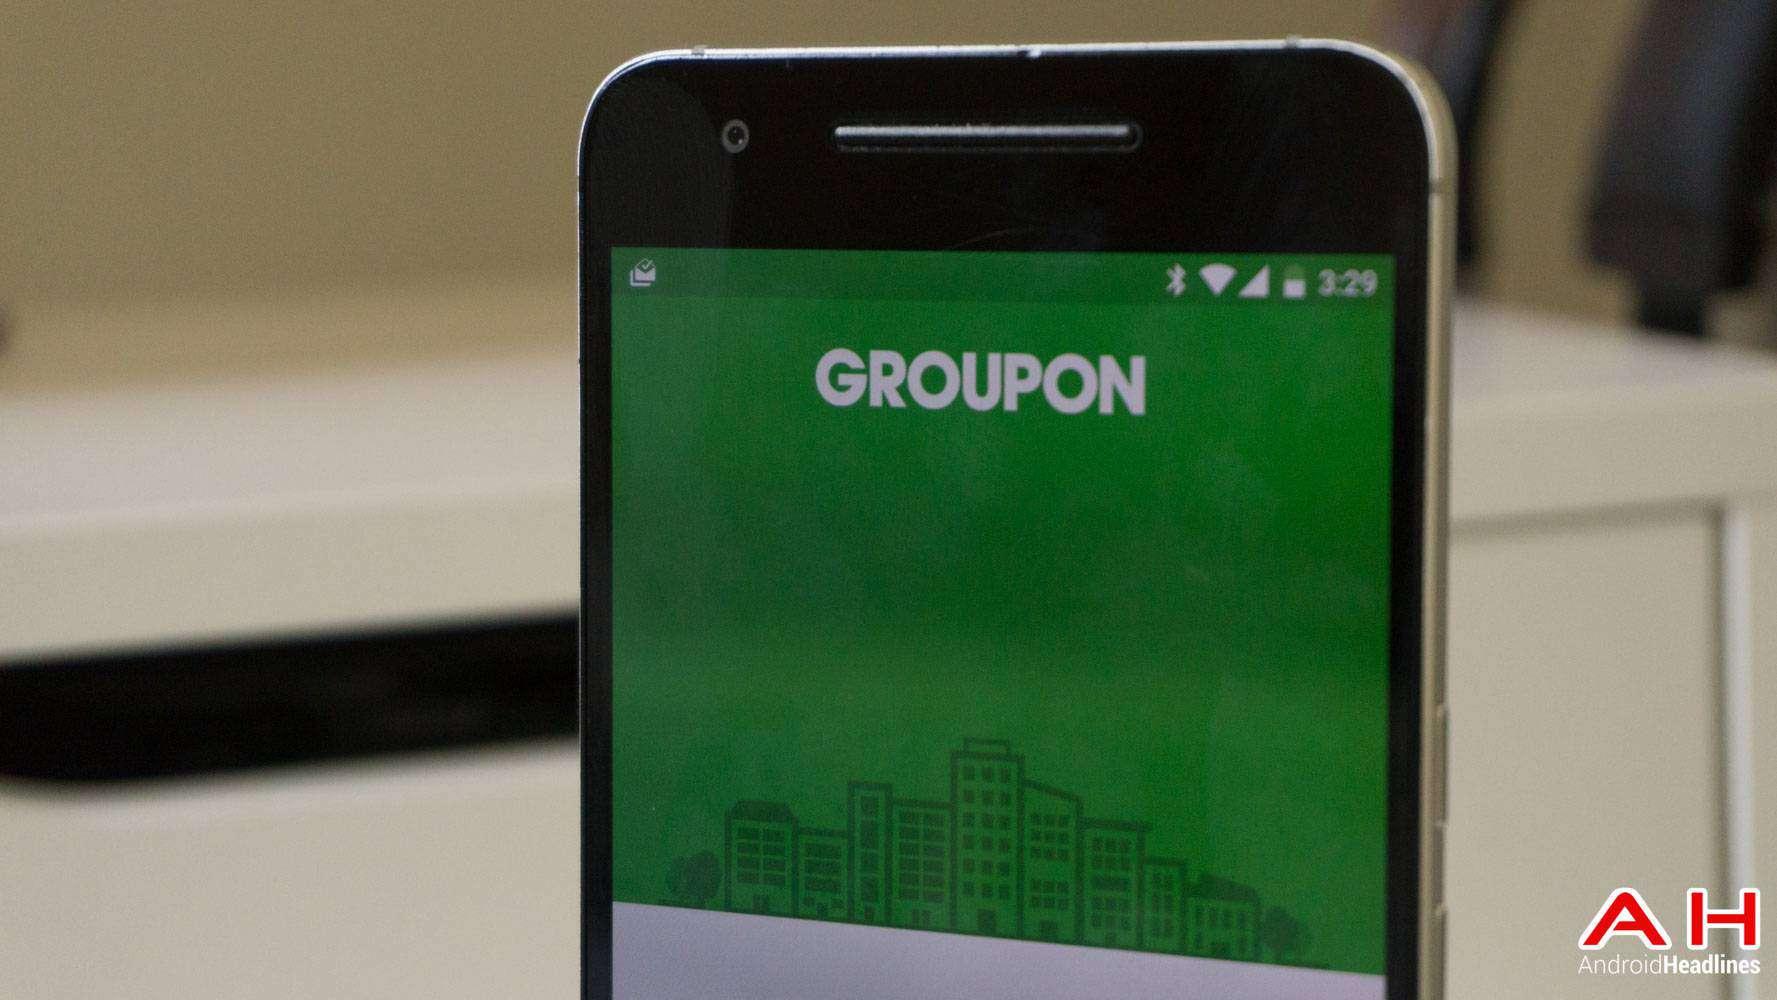 Groupon-AH-00012